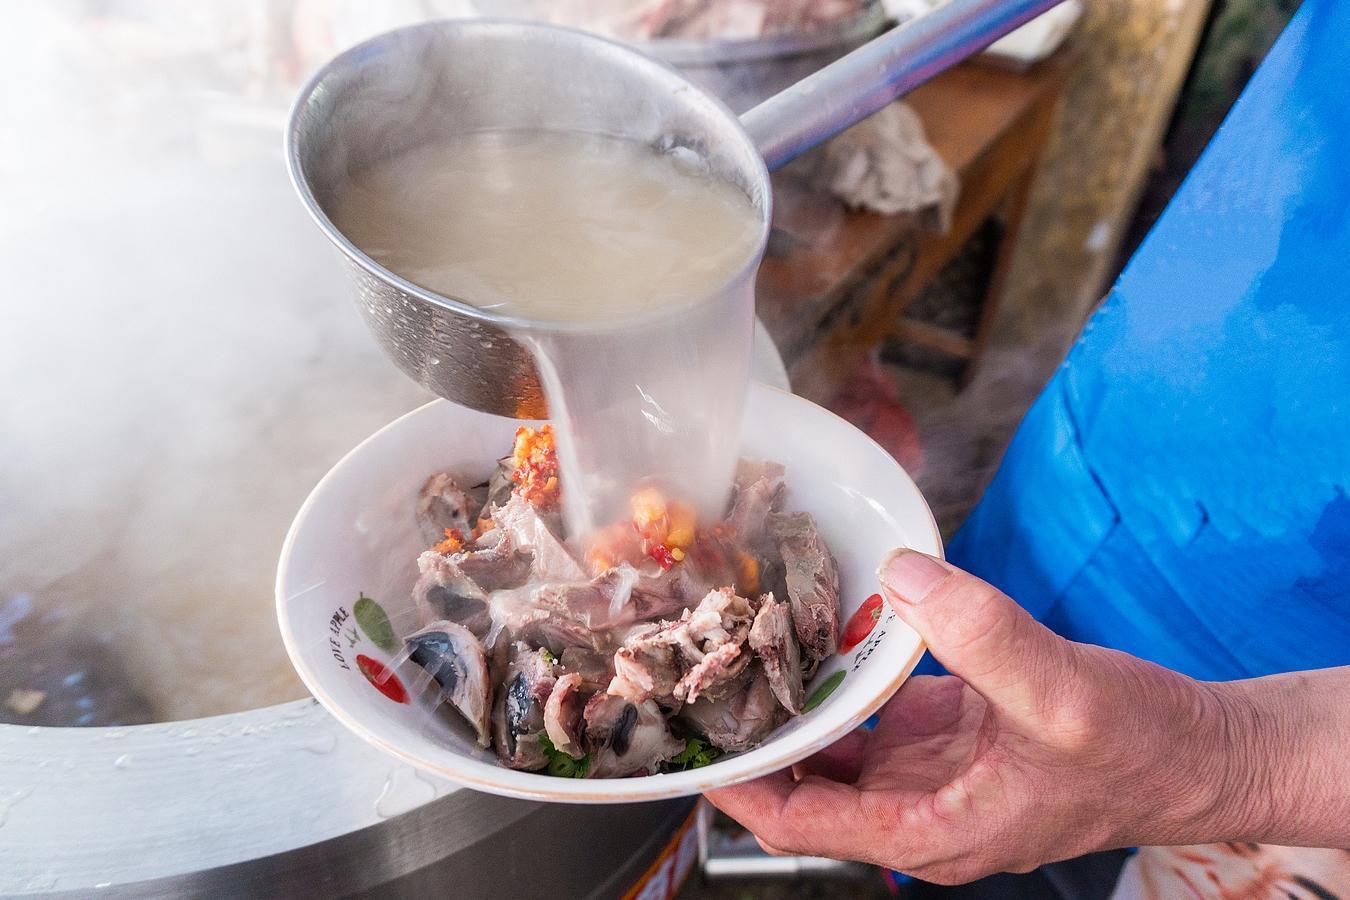 绵阳吃羊肉汤的地方_山东小镇这碗羊肉汤 一碗汤半碗肉吸引城里人开车来品尝